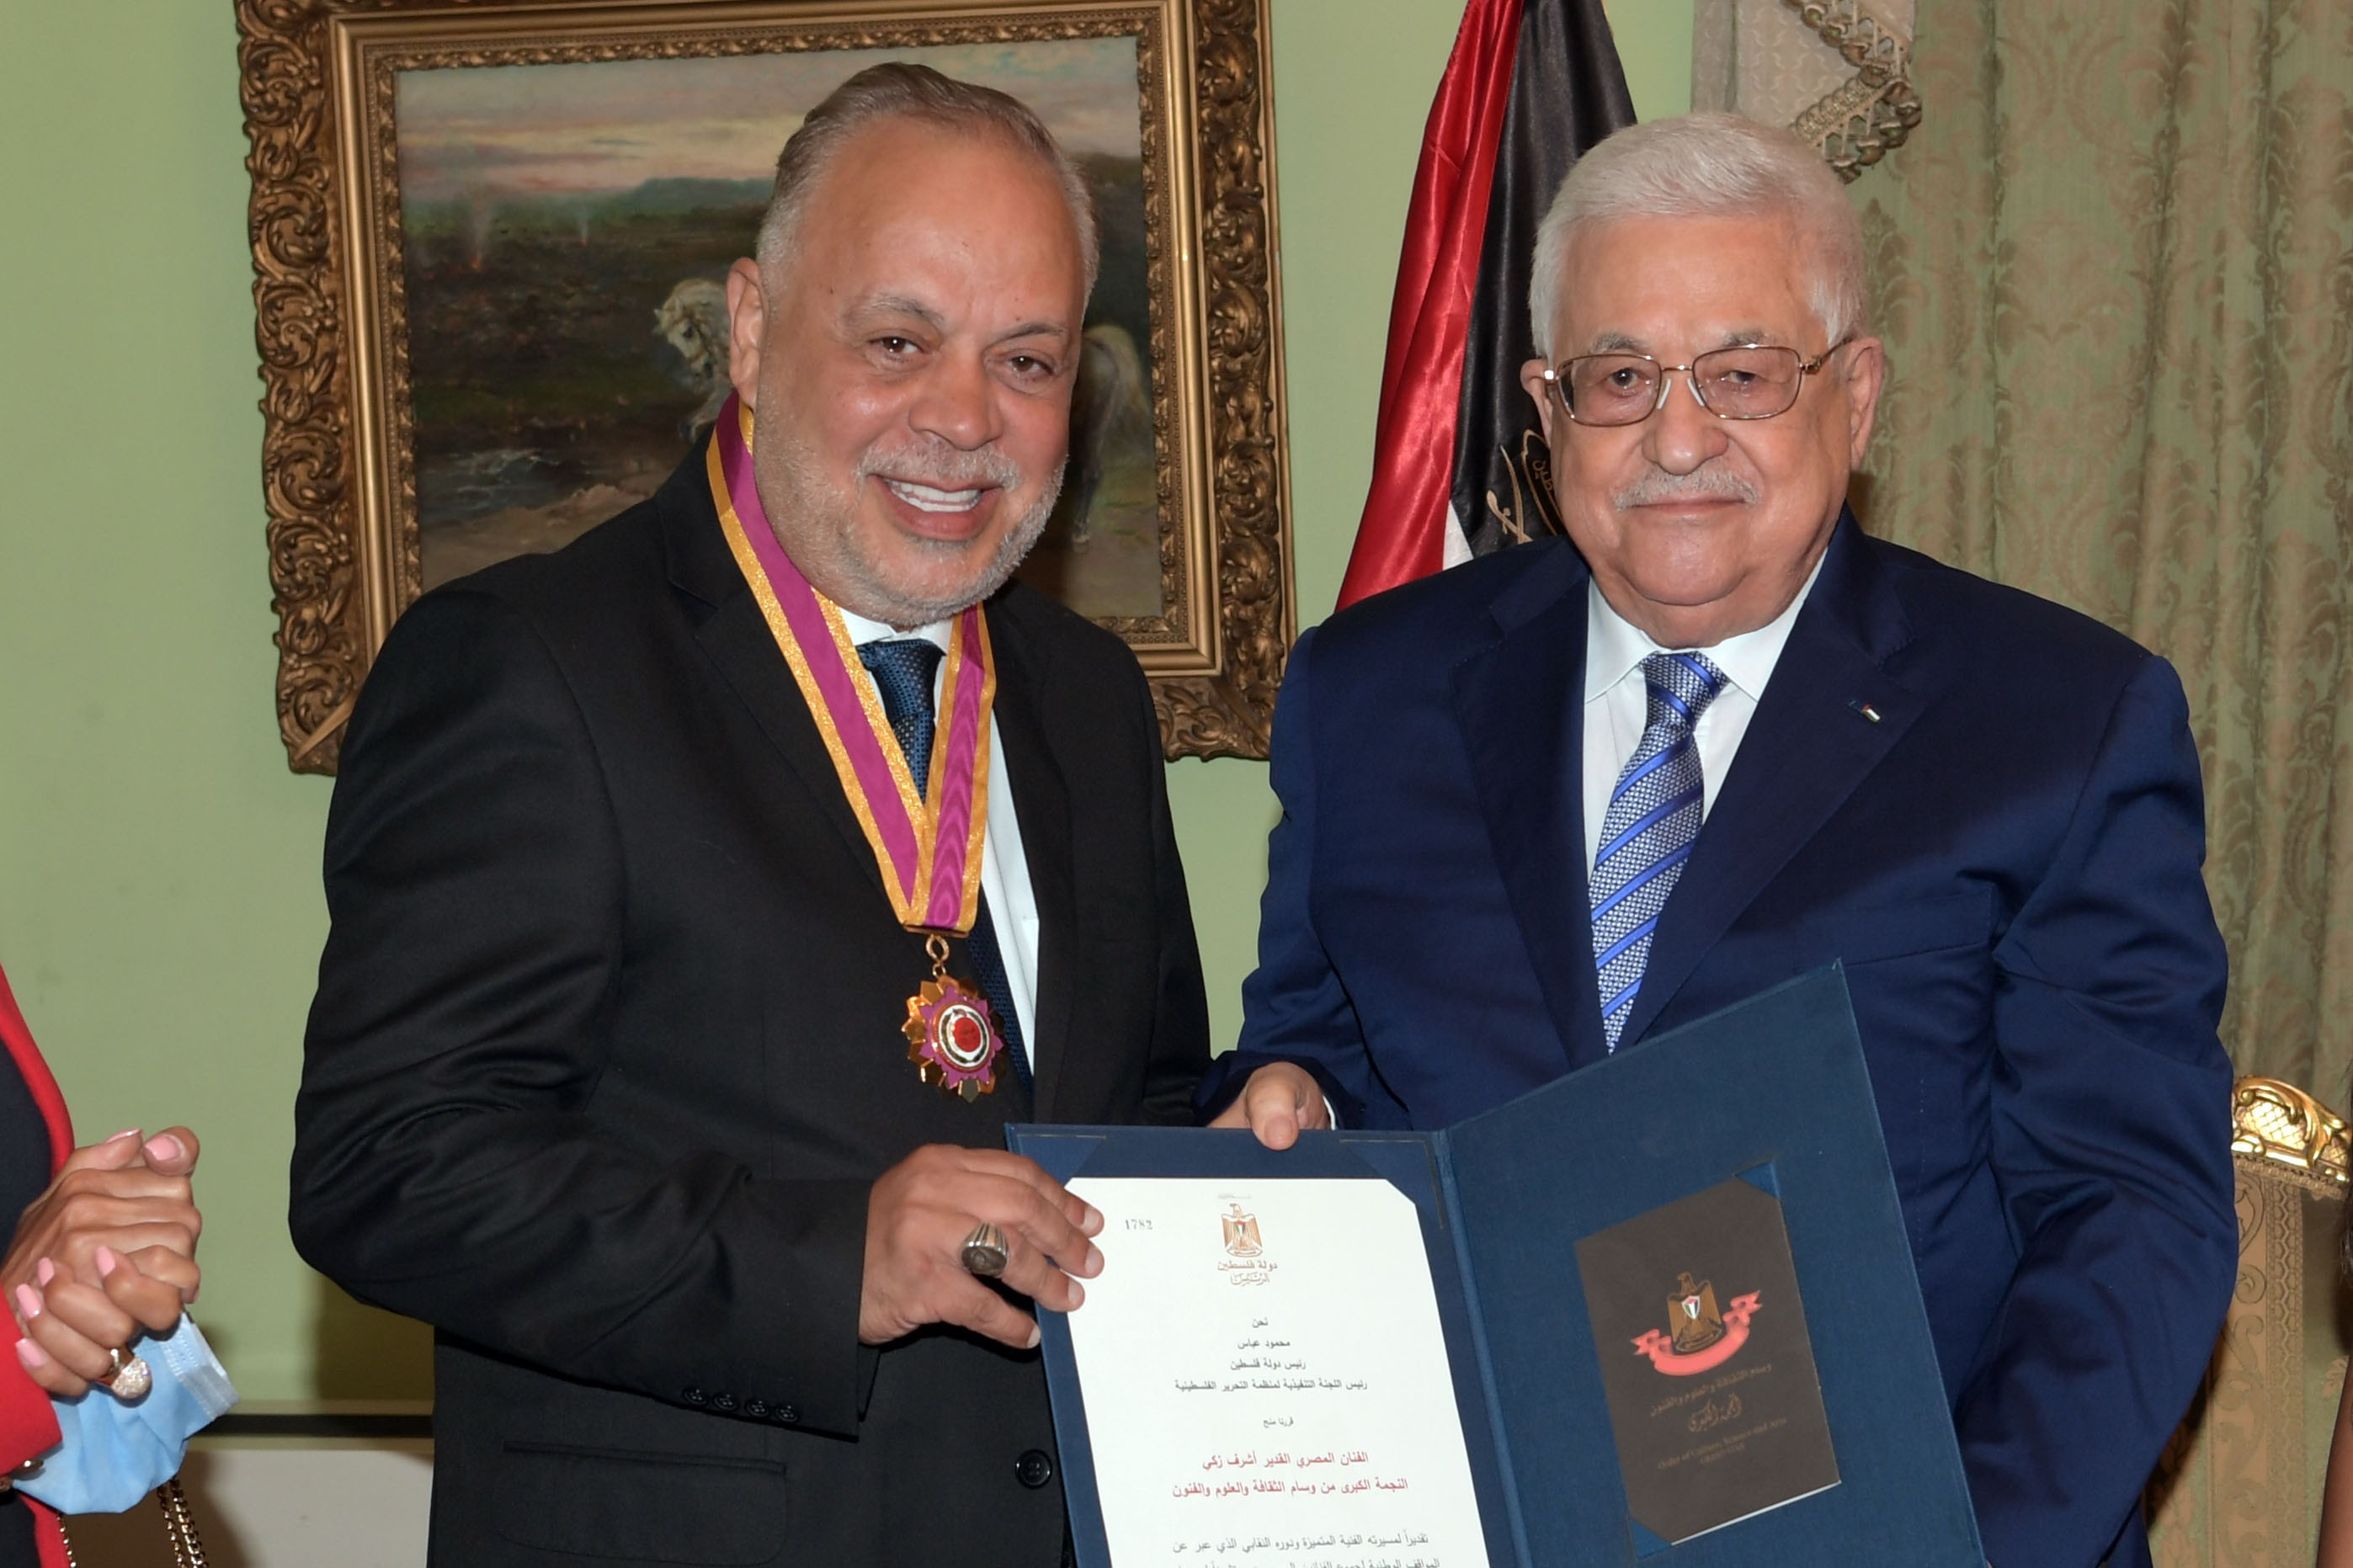 الرئيس محمود عباس، أثناء تكريم الفنان المصري أشرف زكي في القاهرة.JPG